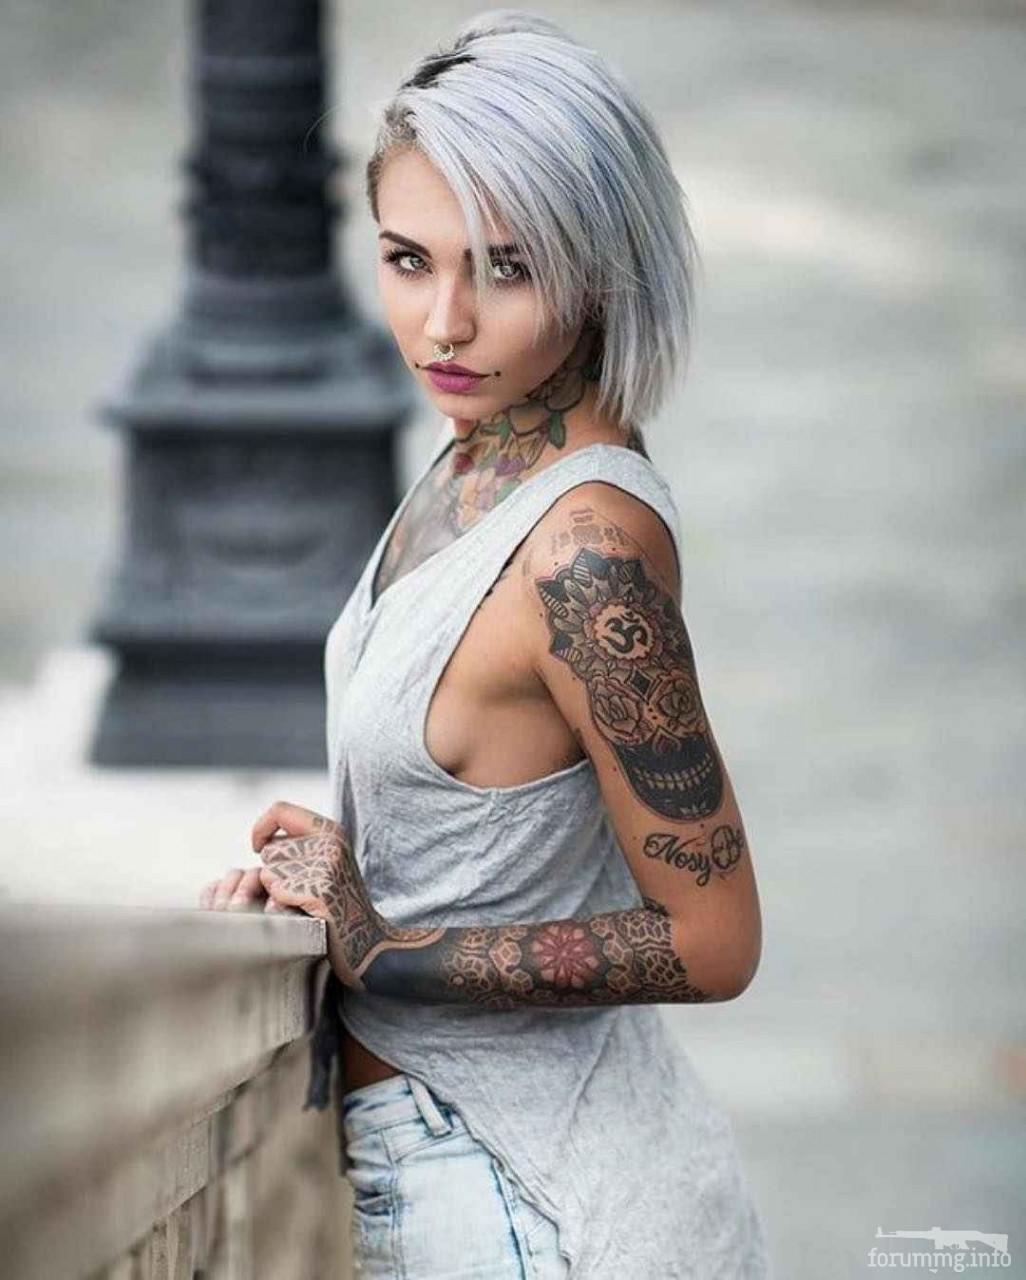 116164 - Татуировки